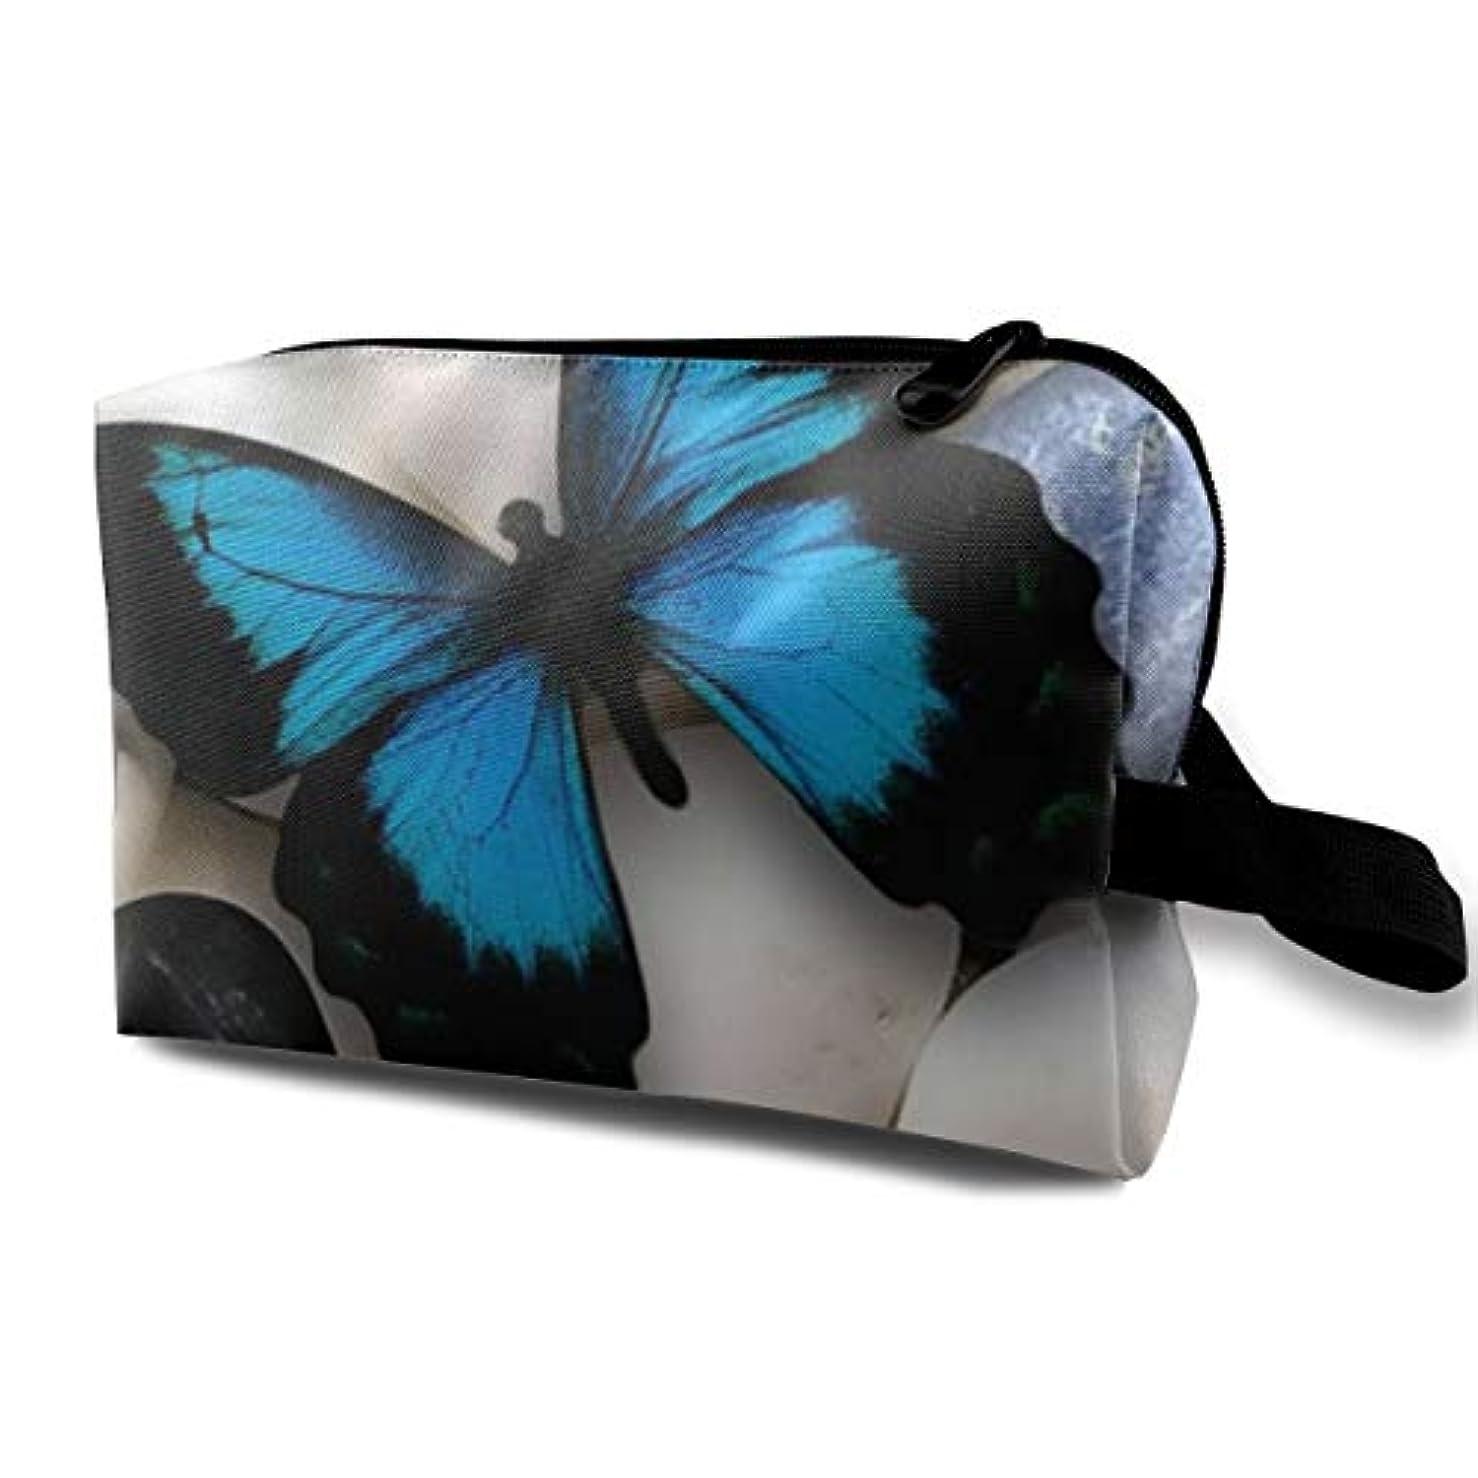 添付ビザ喉が渇いたBule Butterfly 収納ポーチ 化粧ポーチ 大容量 軽量 耐久性 ハンドル付持ち運び便利。入れ 自宅?出張?旅行?アウトドア撮影などに対応。メンズ レディース トラベルグッズ